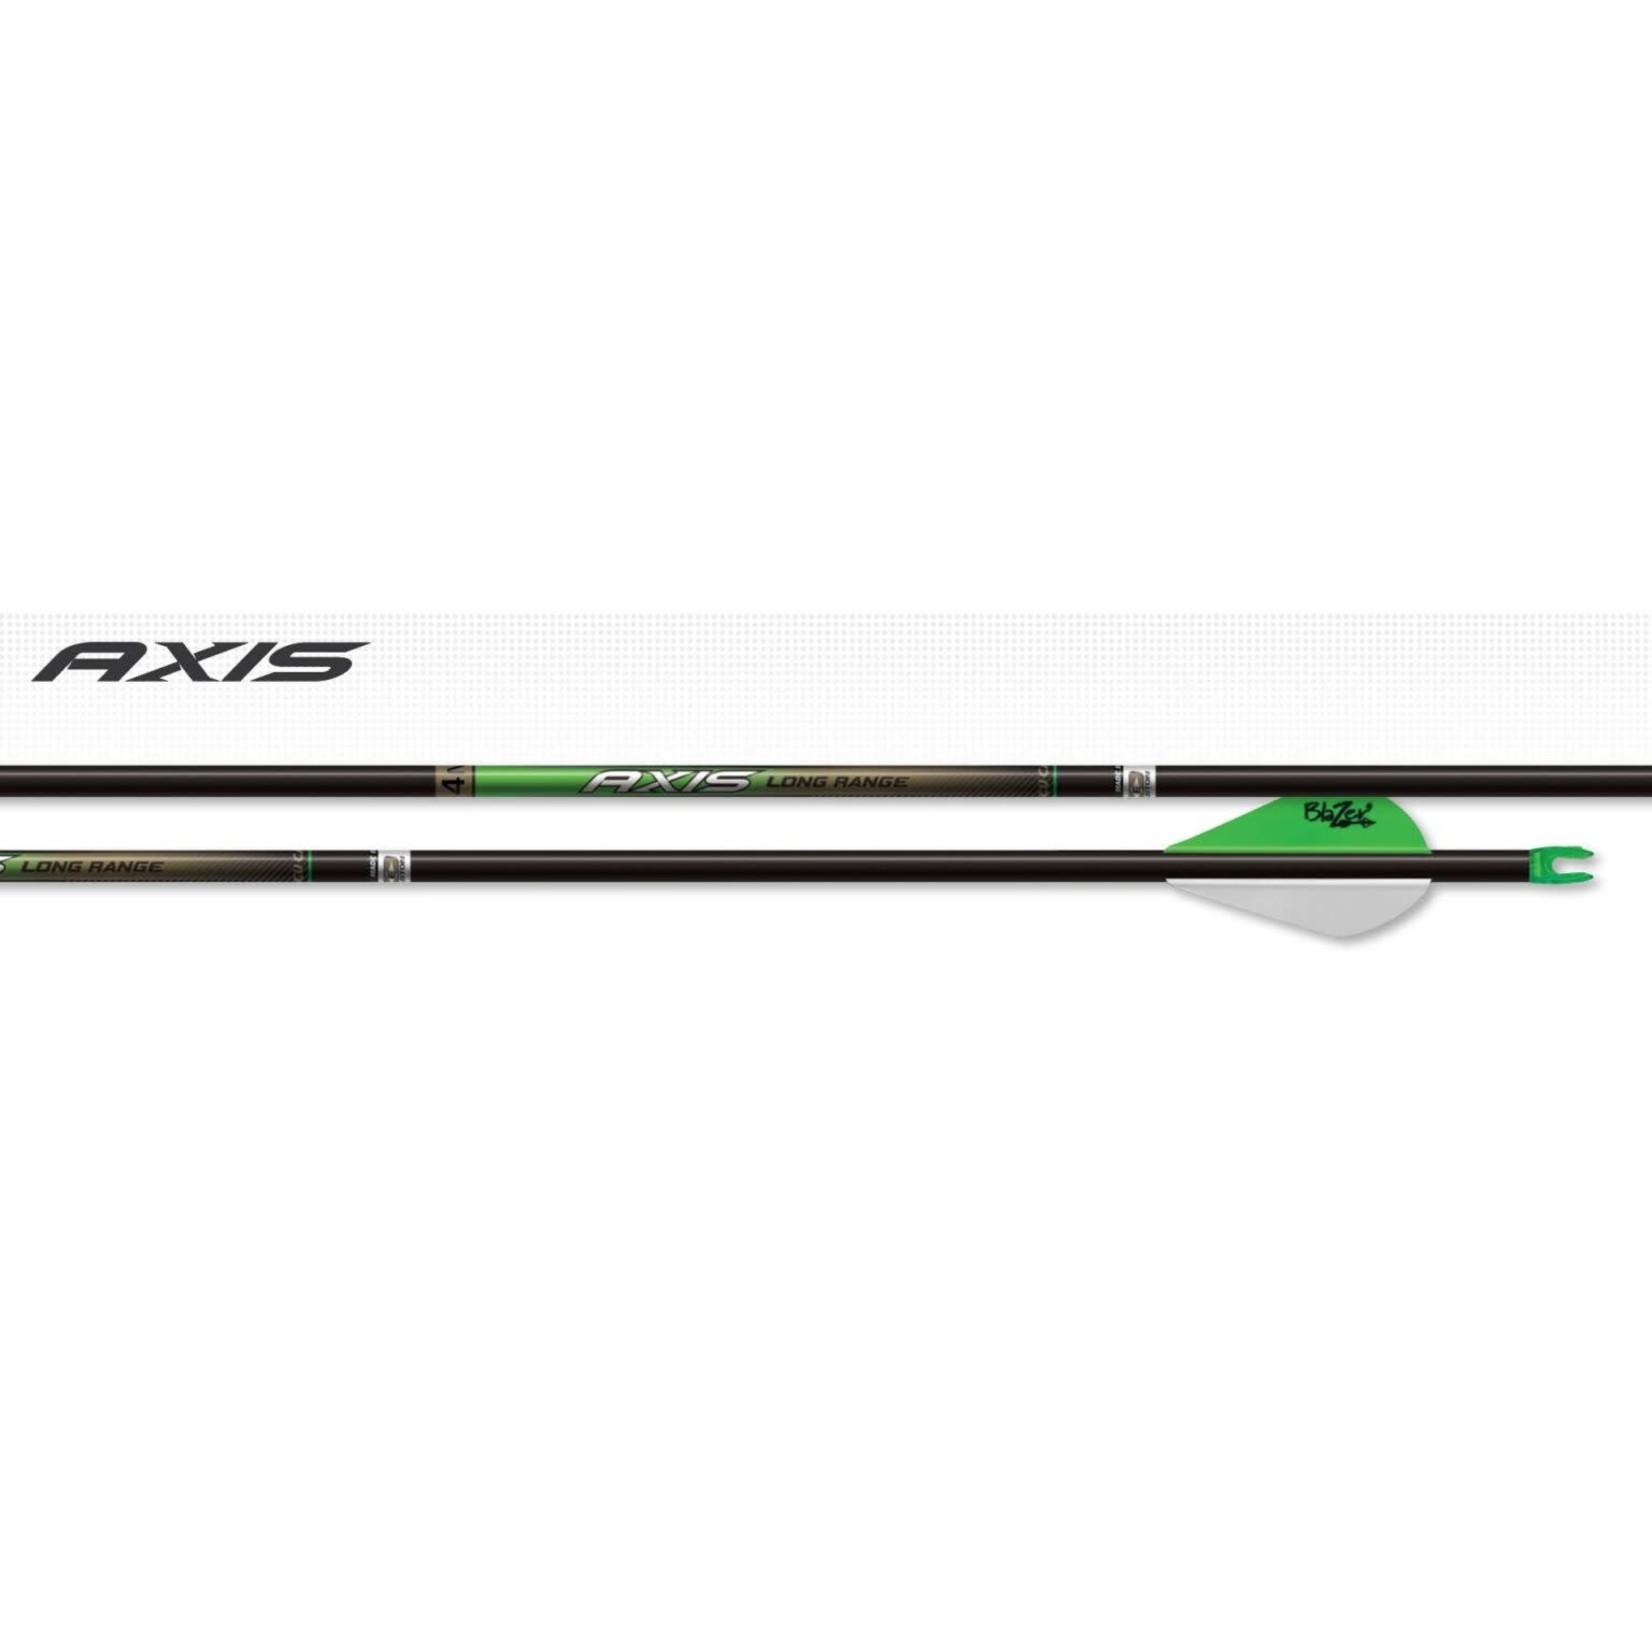 Easton Easton Axis Long Range 4mm Arrows 340 (1/2 doz)